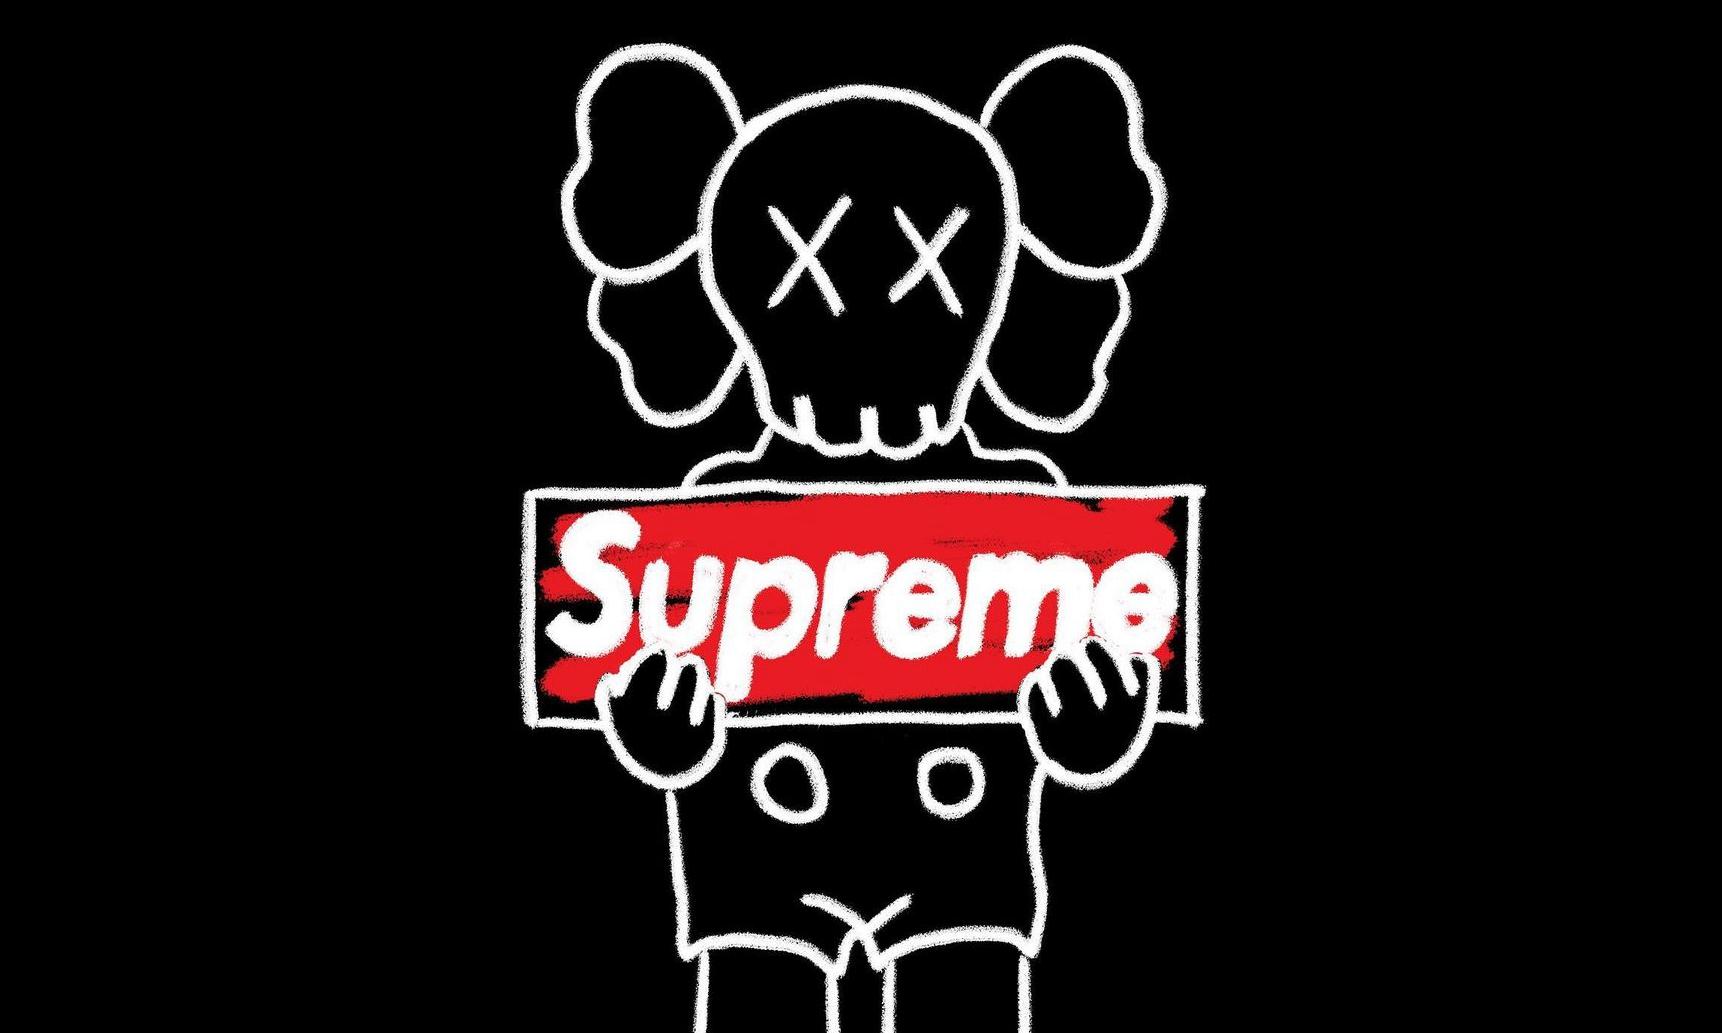 Supreme 或将在本季与 KAWS 展开合作